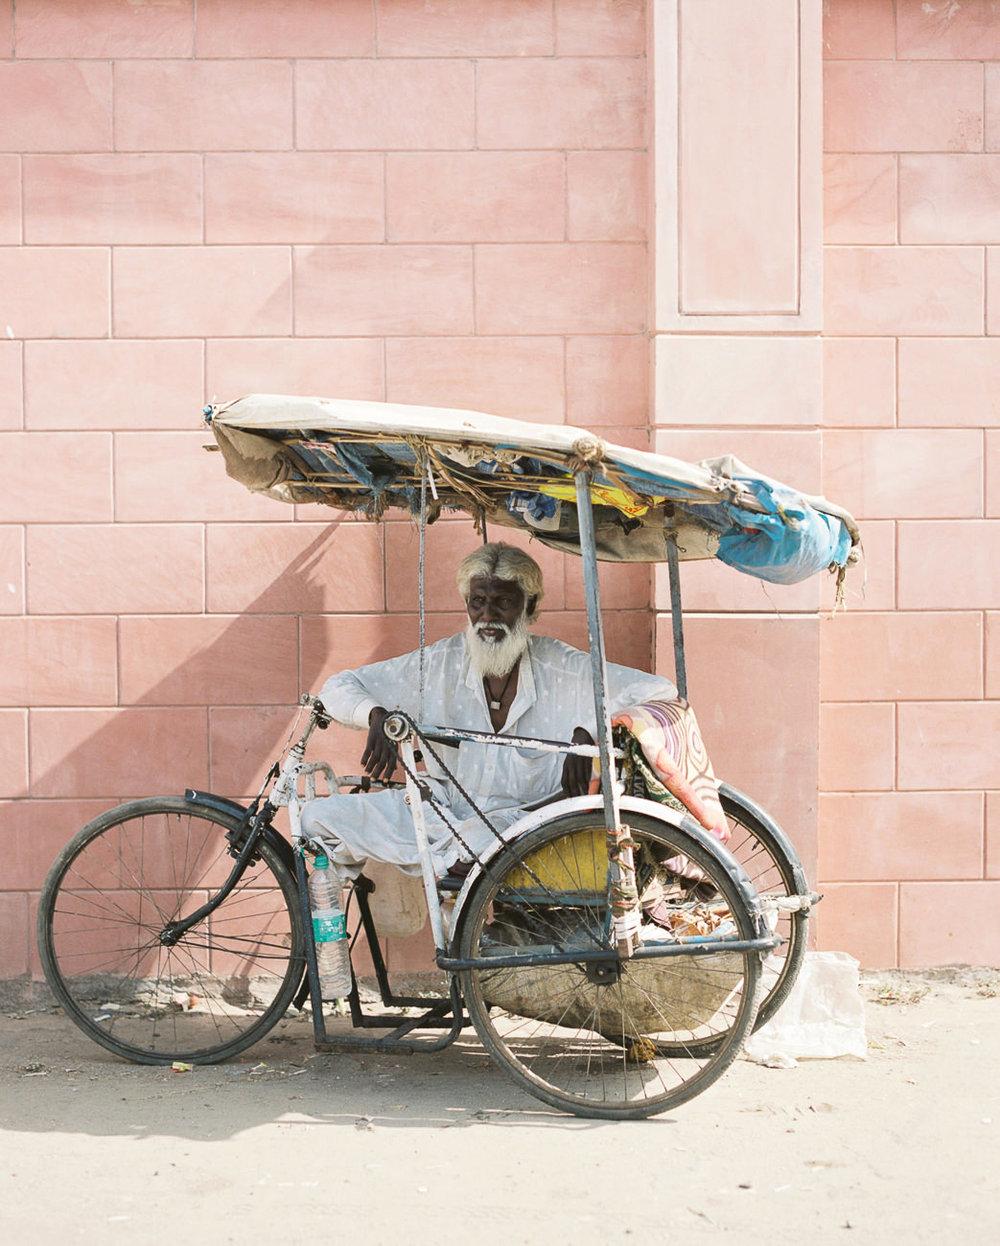 mumbai-photographe-voyage-alain-m-8.jpg